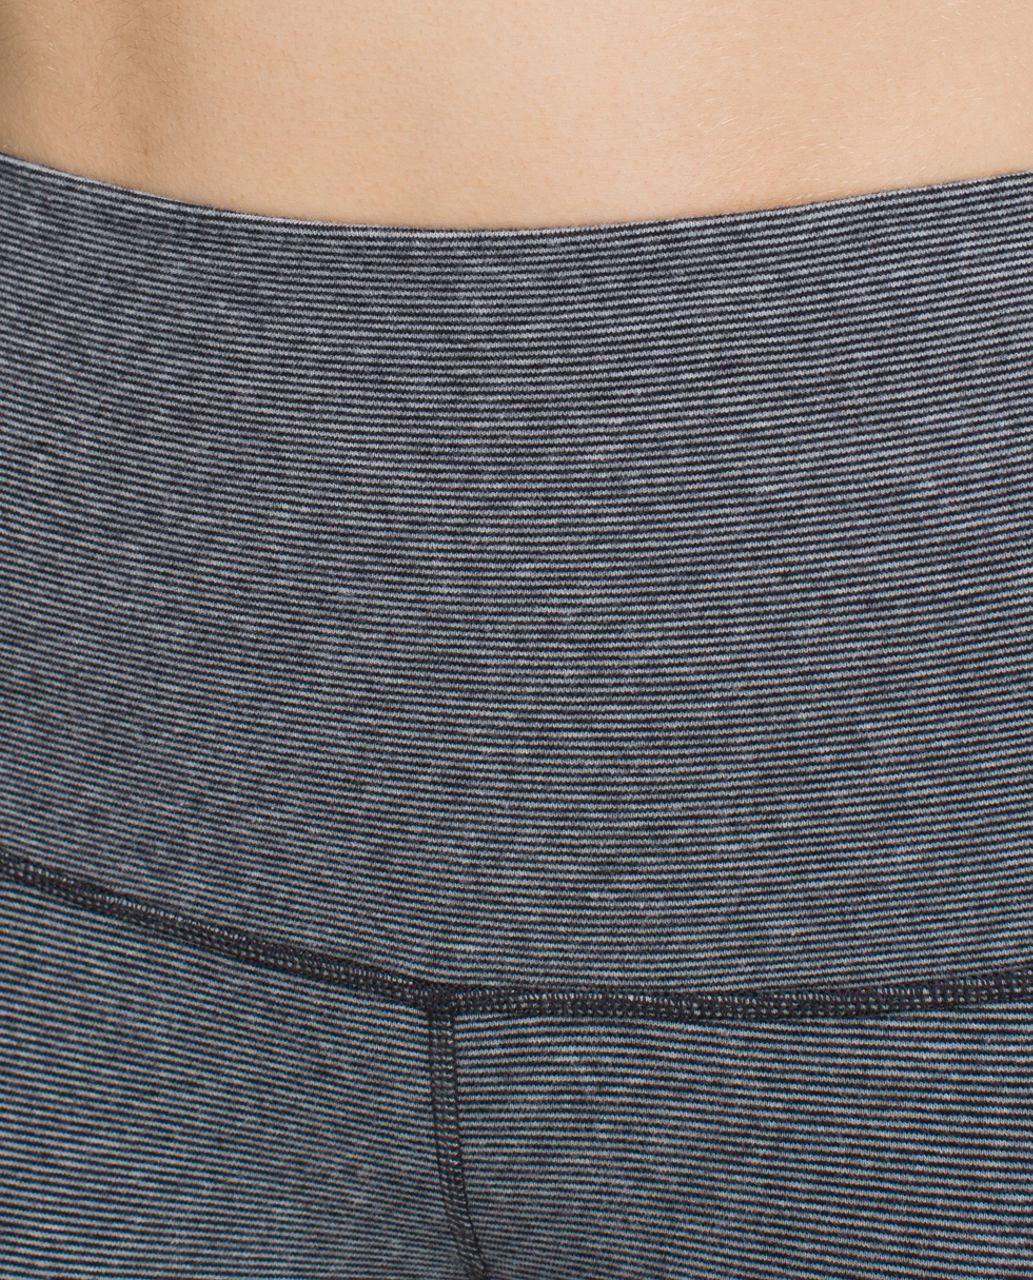 Lululemon Wunder Under Crop *Cotton (Roll Down) - Wee Stripe Heathered Medium Grey Black